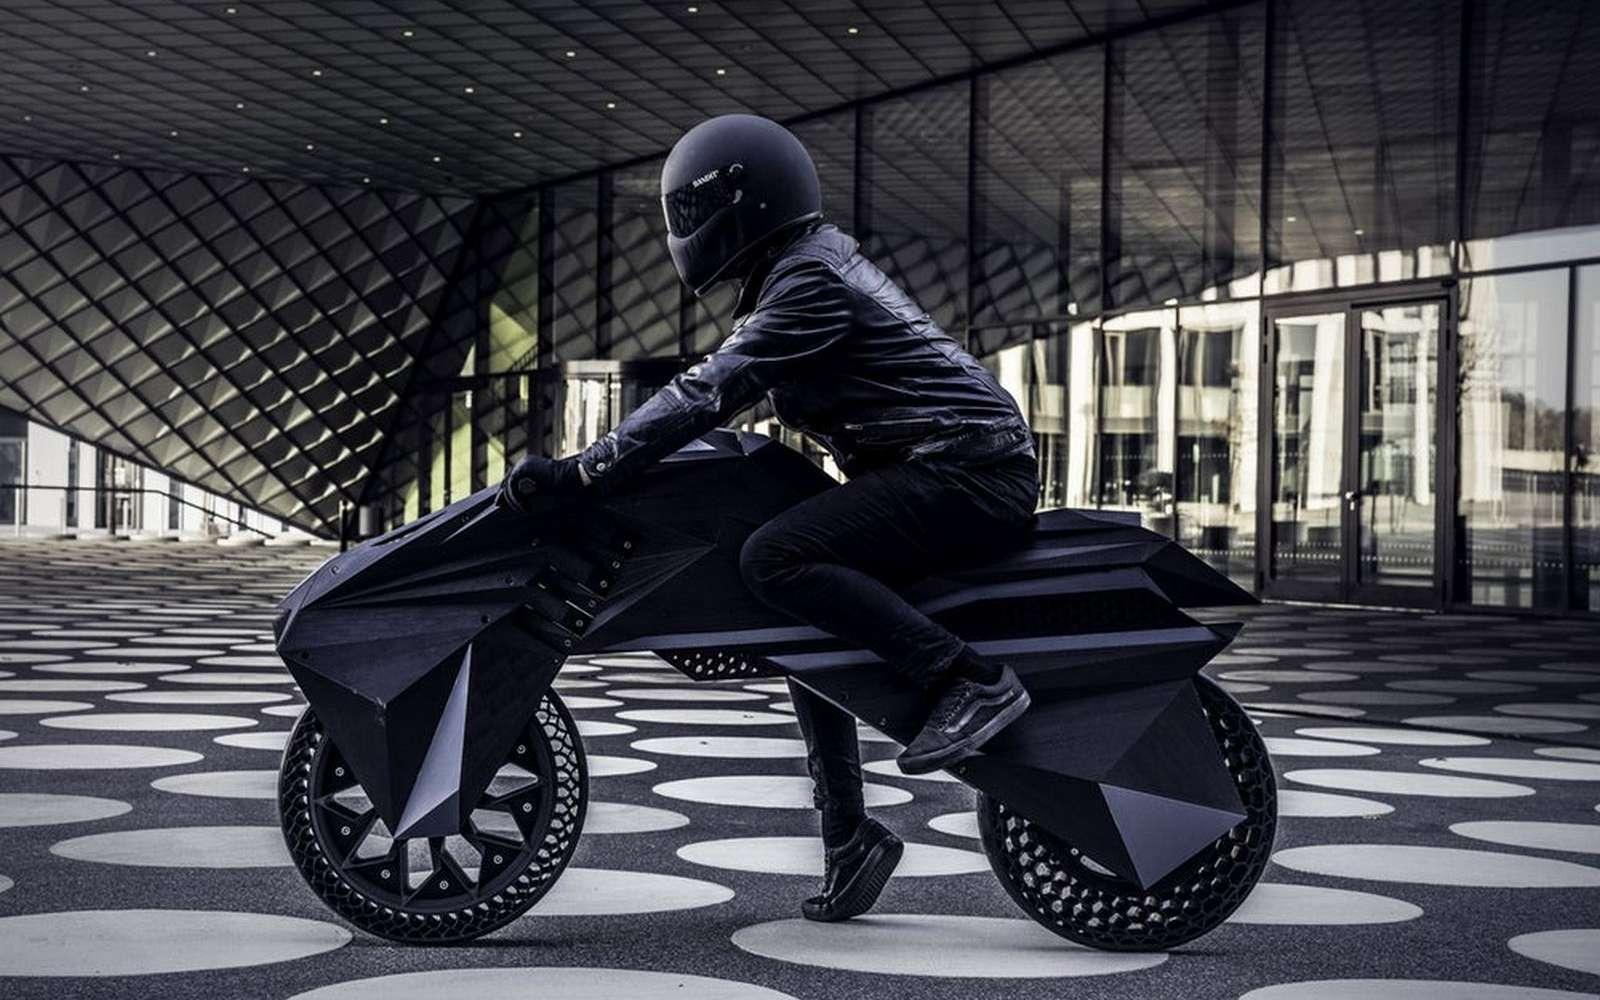 La moto Nera a été entièrement fabriquée par impression 3D à l'exception de son moteur électrique et de sa batterie. © BigRep